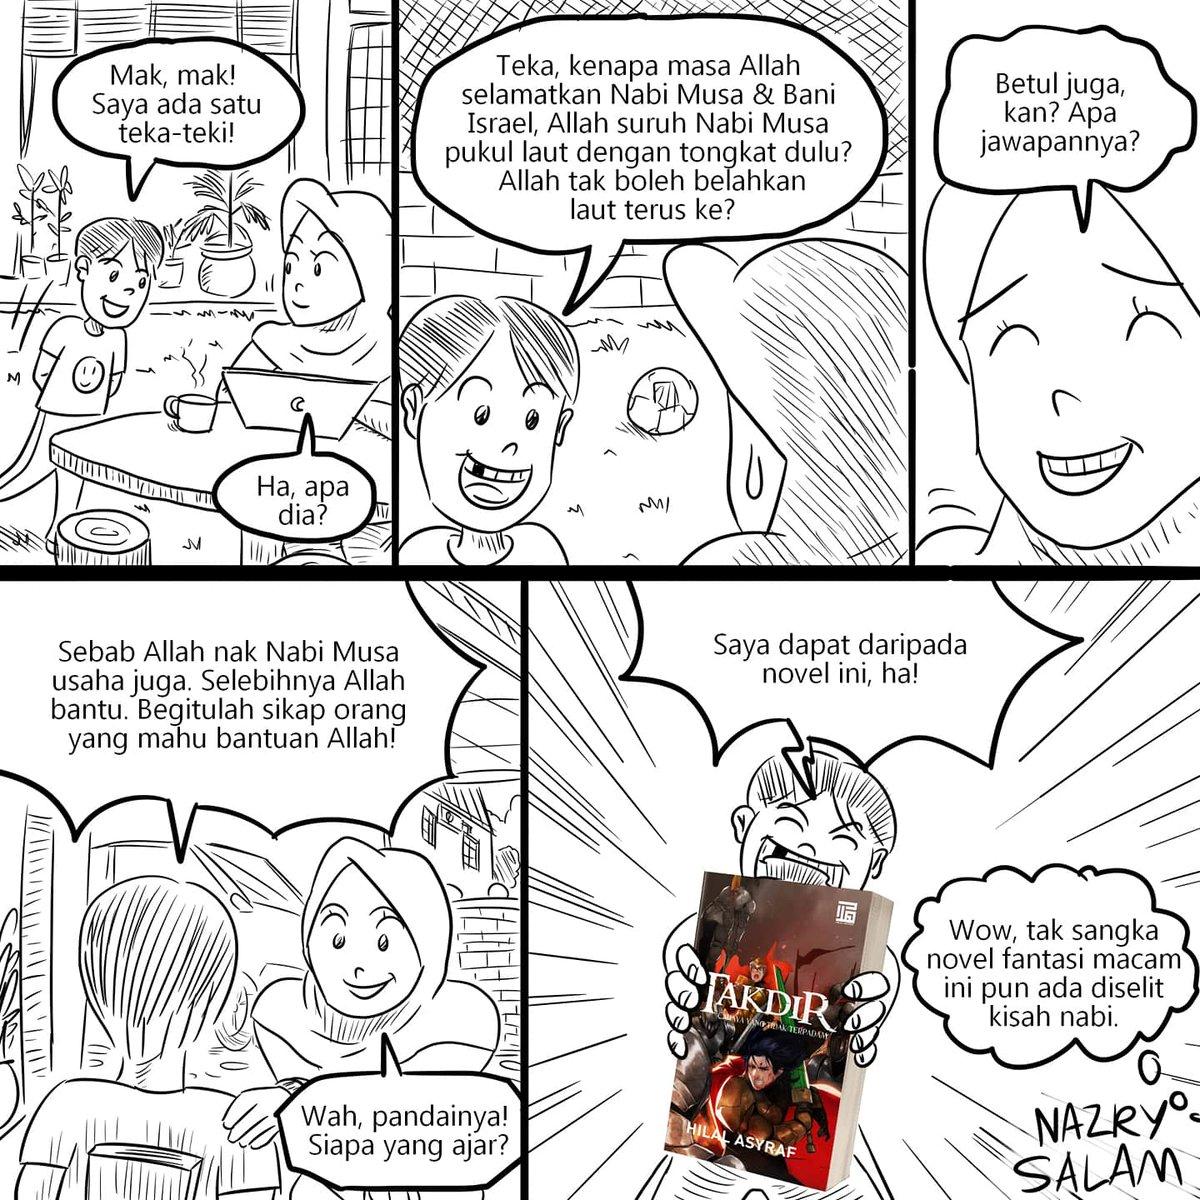 Komik #94  Novel dan komik pun boleh jadi sumber ilmu juga. Contohnya novel @HilalAsyraf dan komik Misi.  #komikNazrySalam #NazrySalam #komikMalaysia #SkuadMisipic.twitter.com/MVjPh0iulB